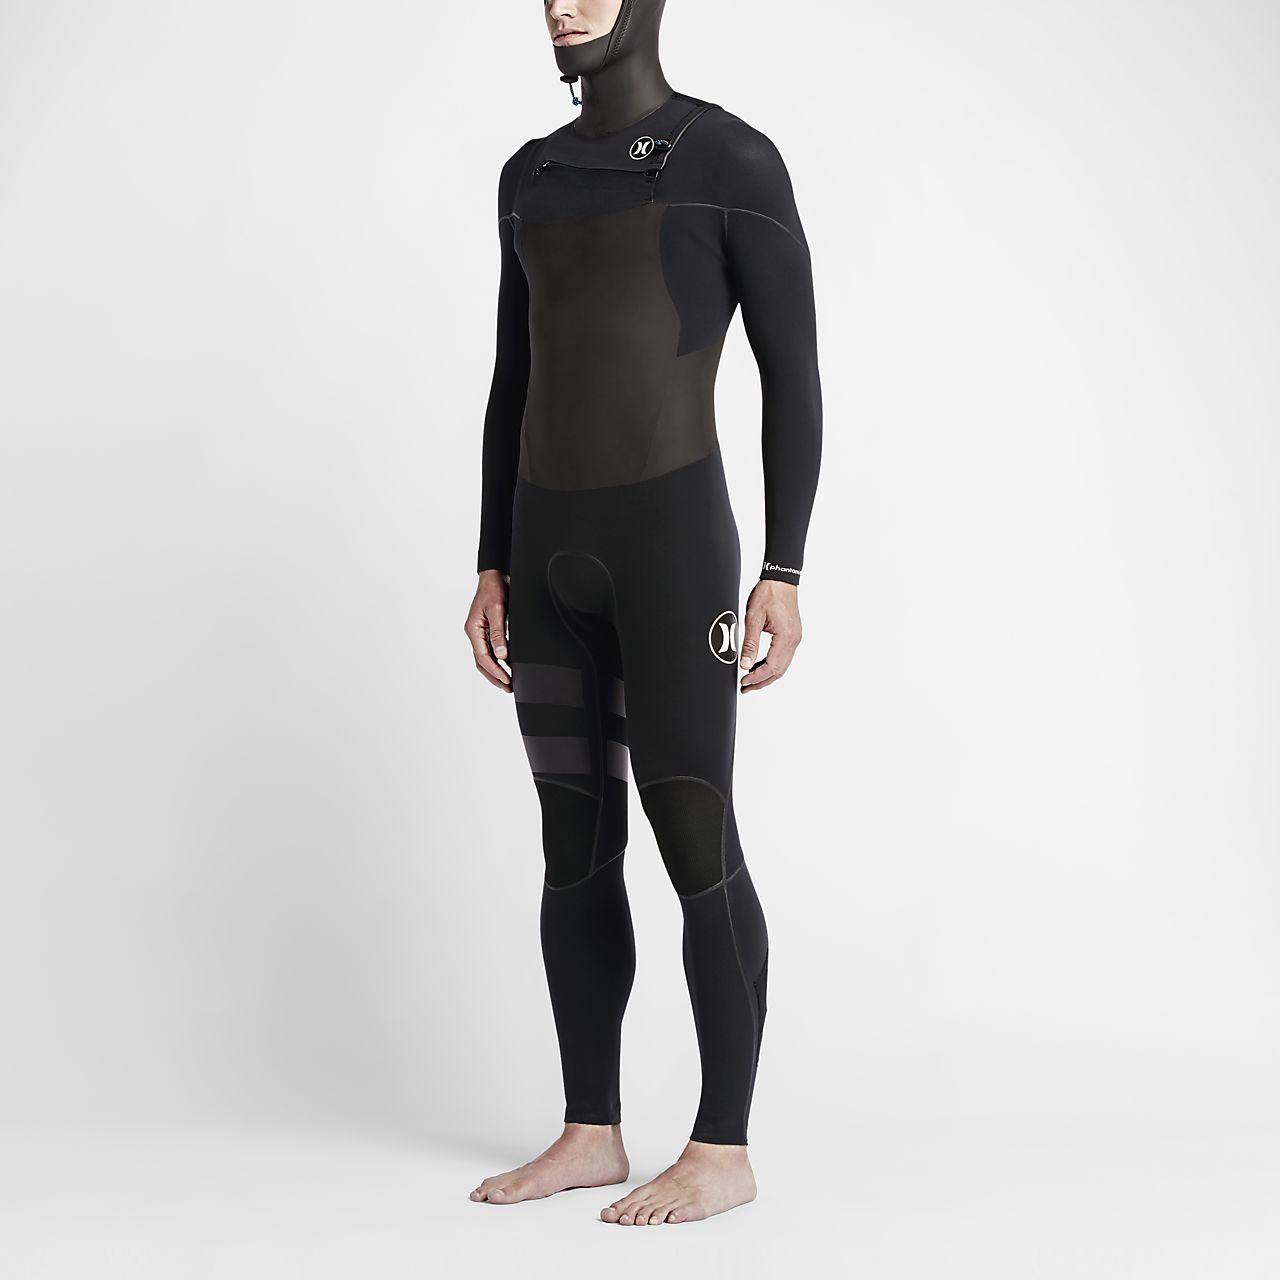 ... Hurley Phantom 403 Hooded Fullsuit Men's Wetsuit